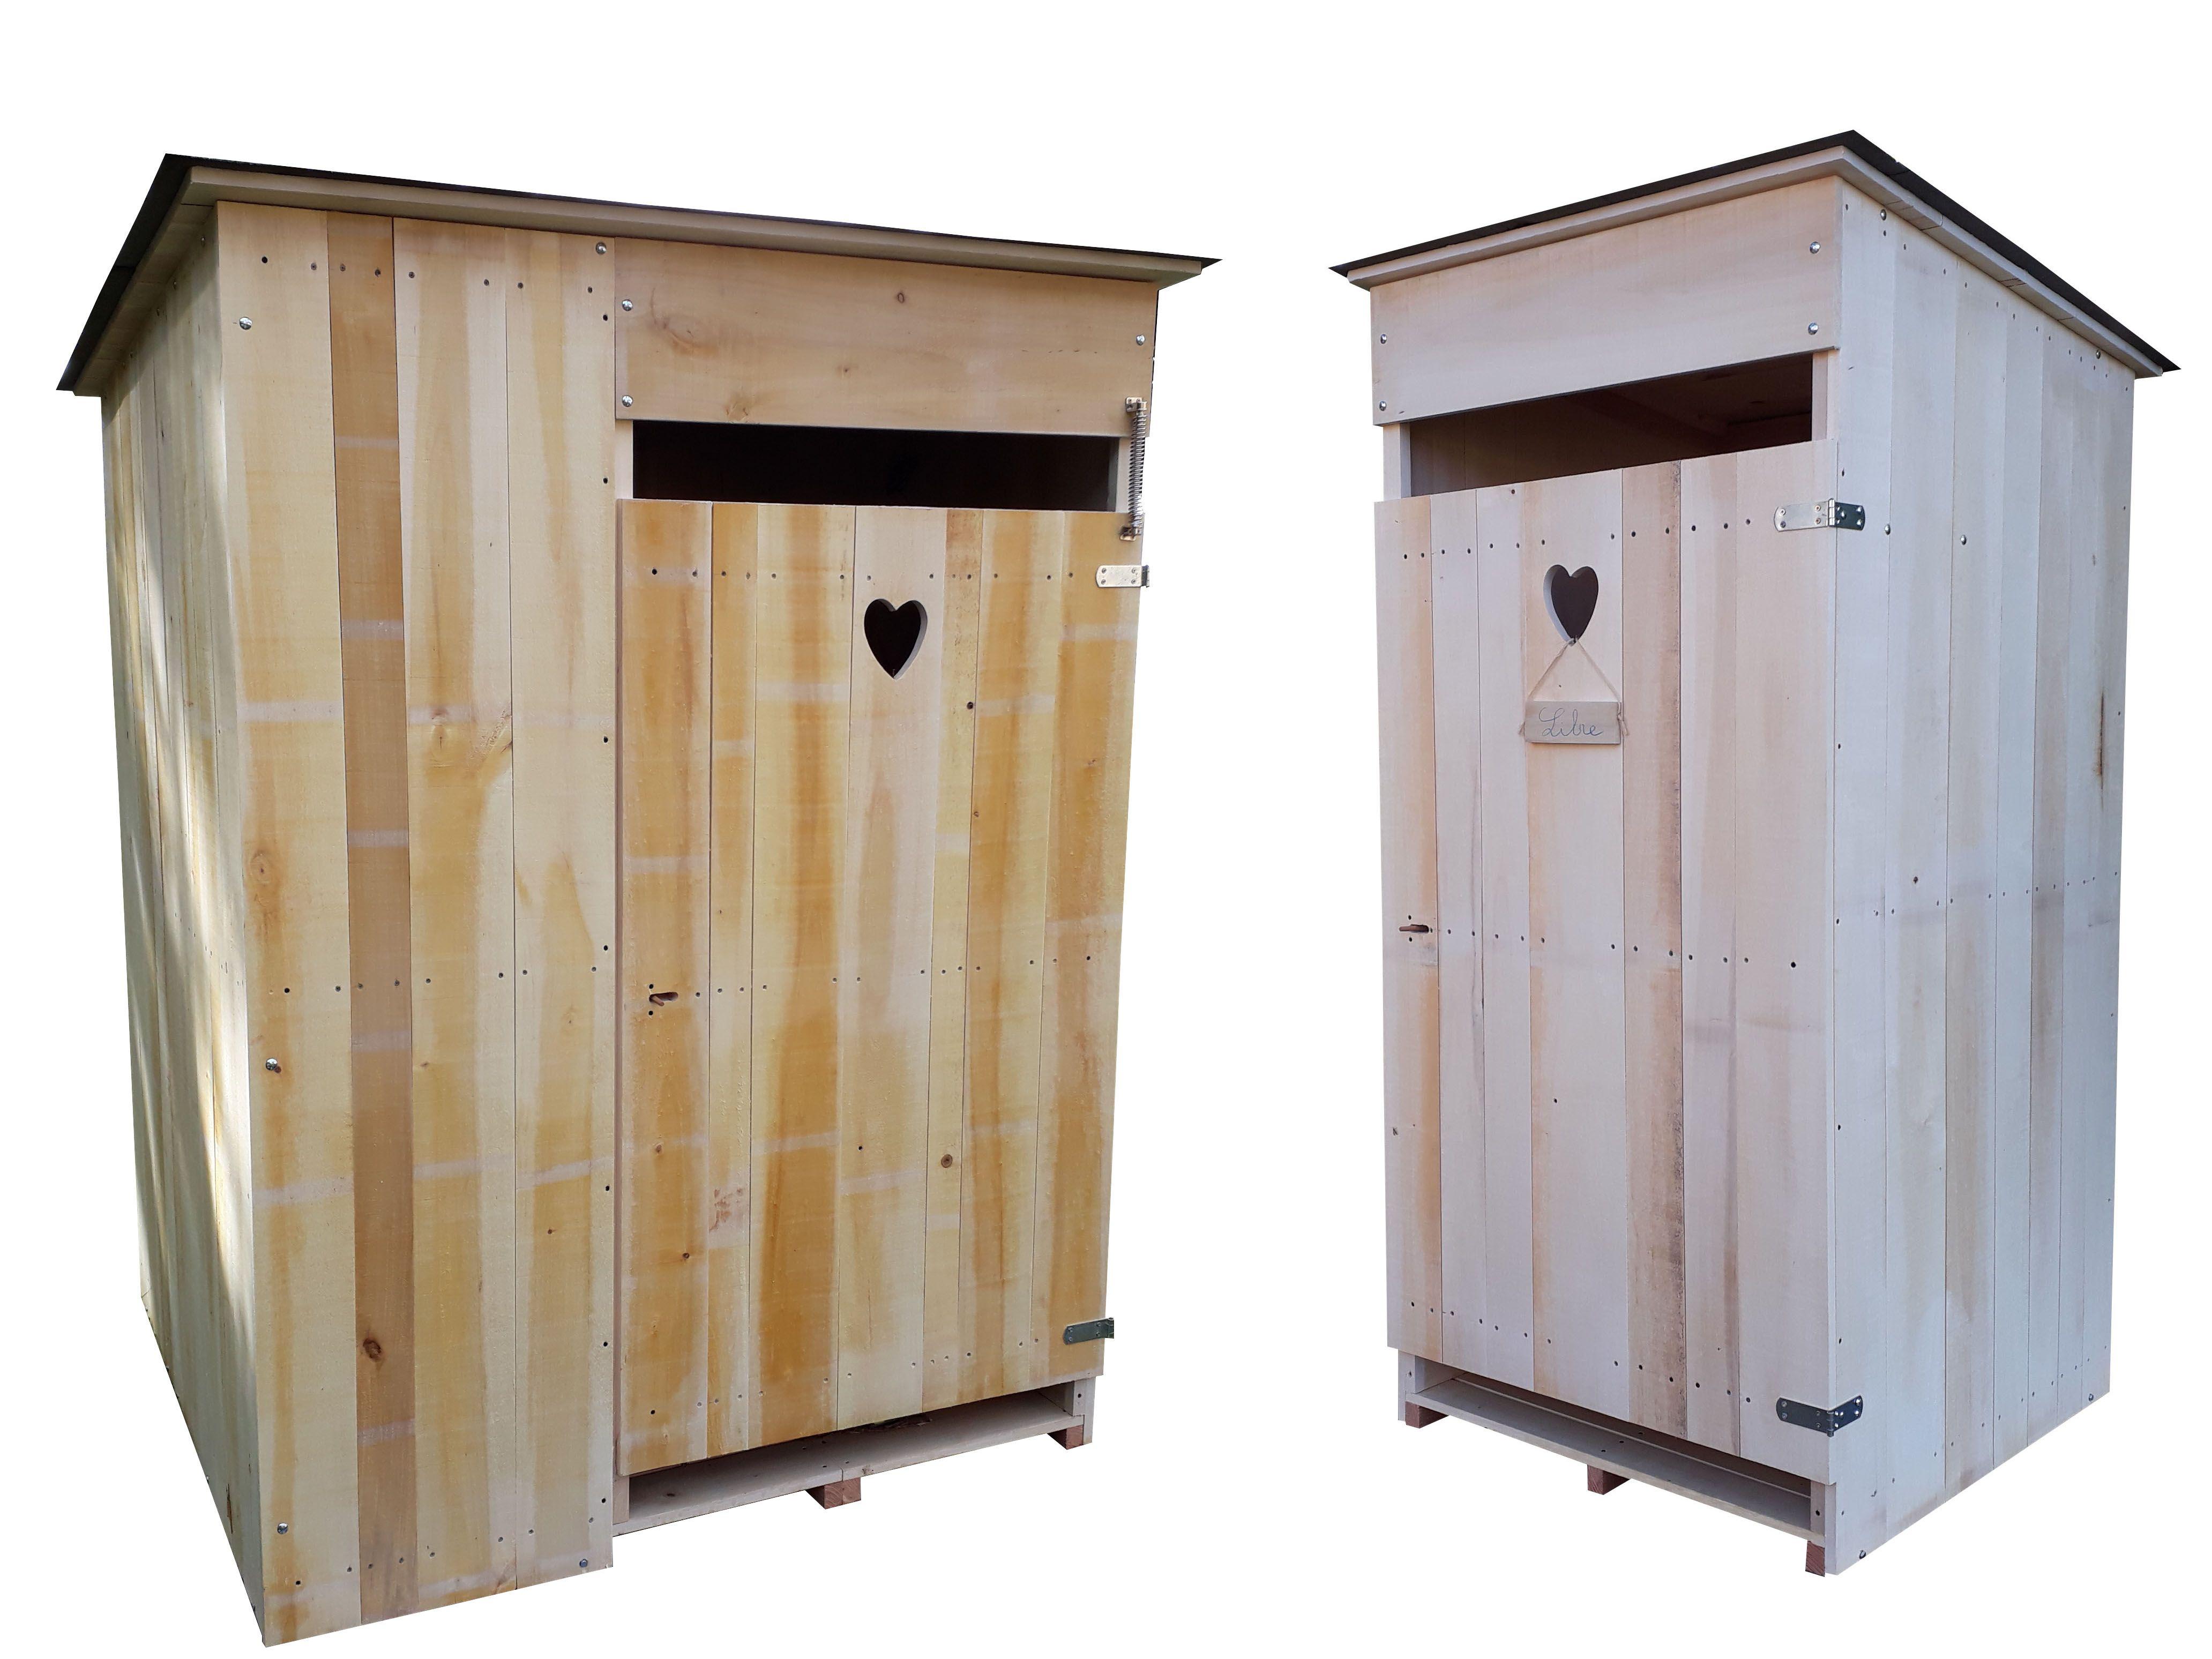 Cabanes De Toilettes Sèches Extérieur. Standard Et Pmr. I concernant Toilette Pmr